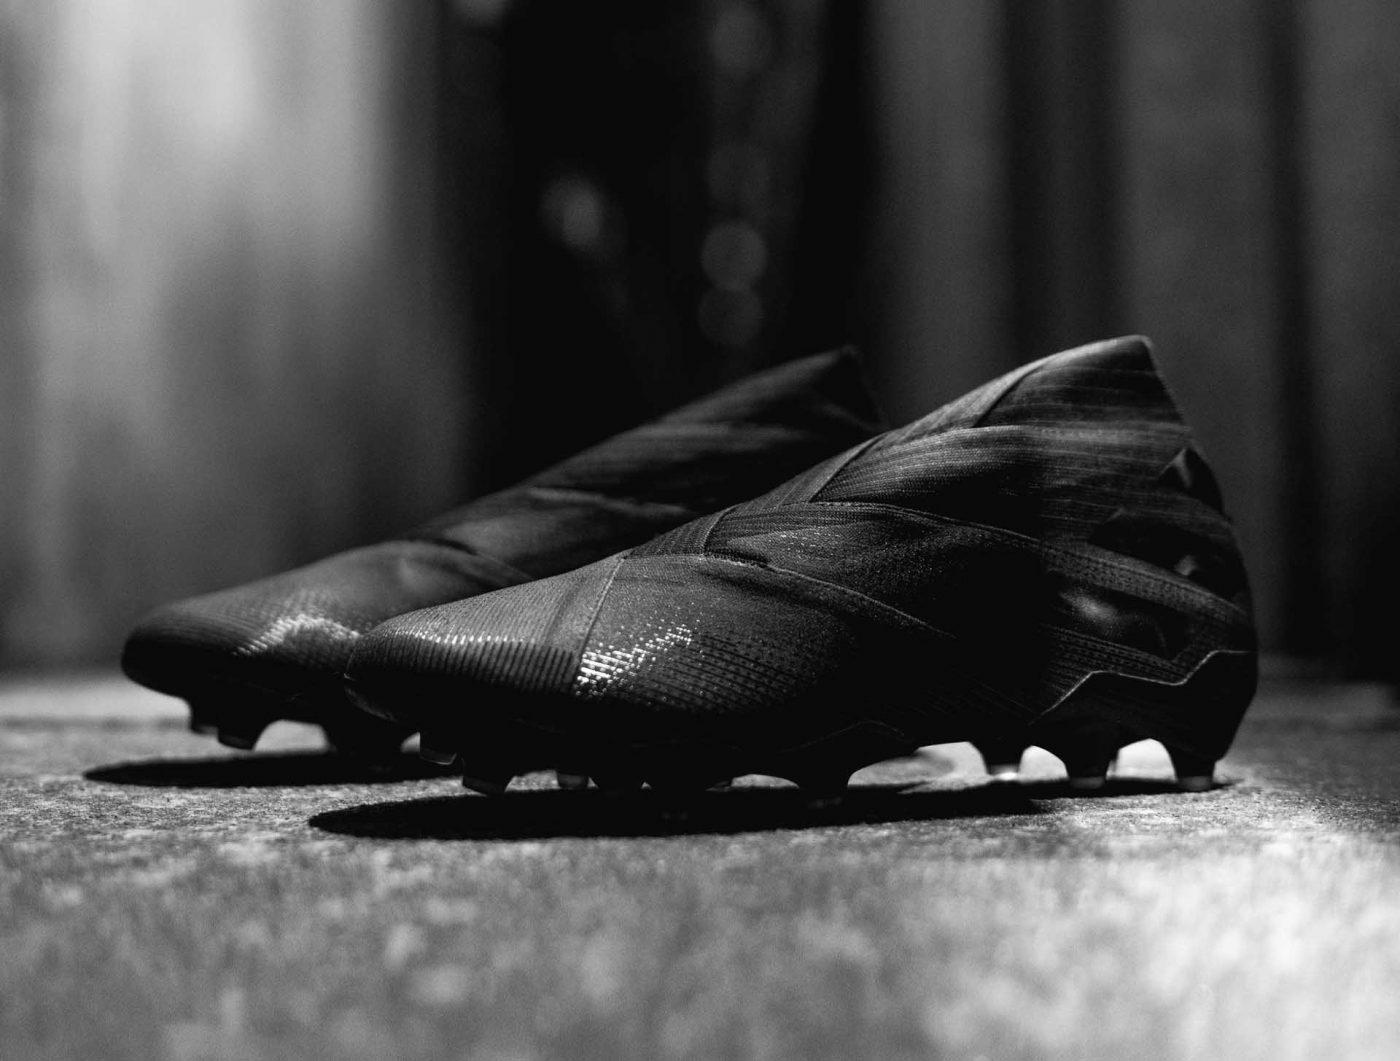 adidas-nemeziz-19-pack-dark-script-5